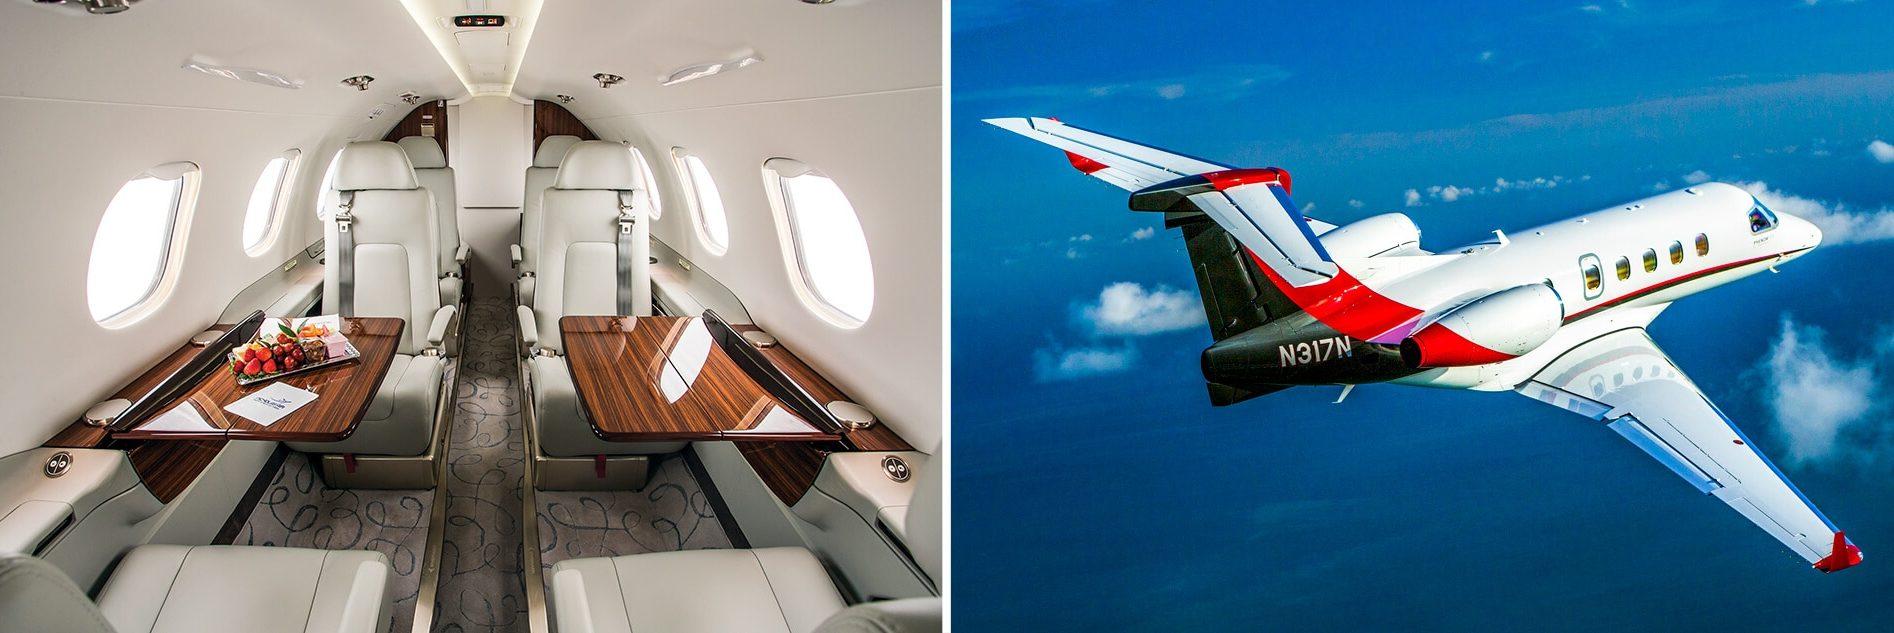 Phenom 300 Interior and Aerial